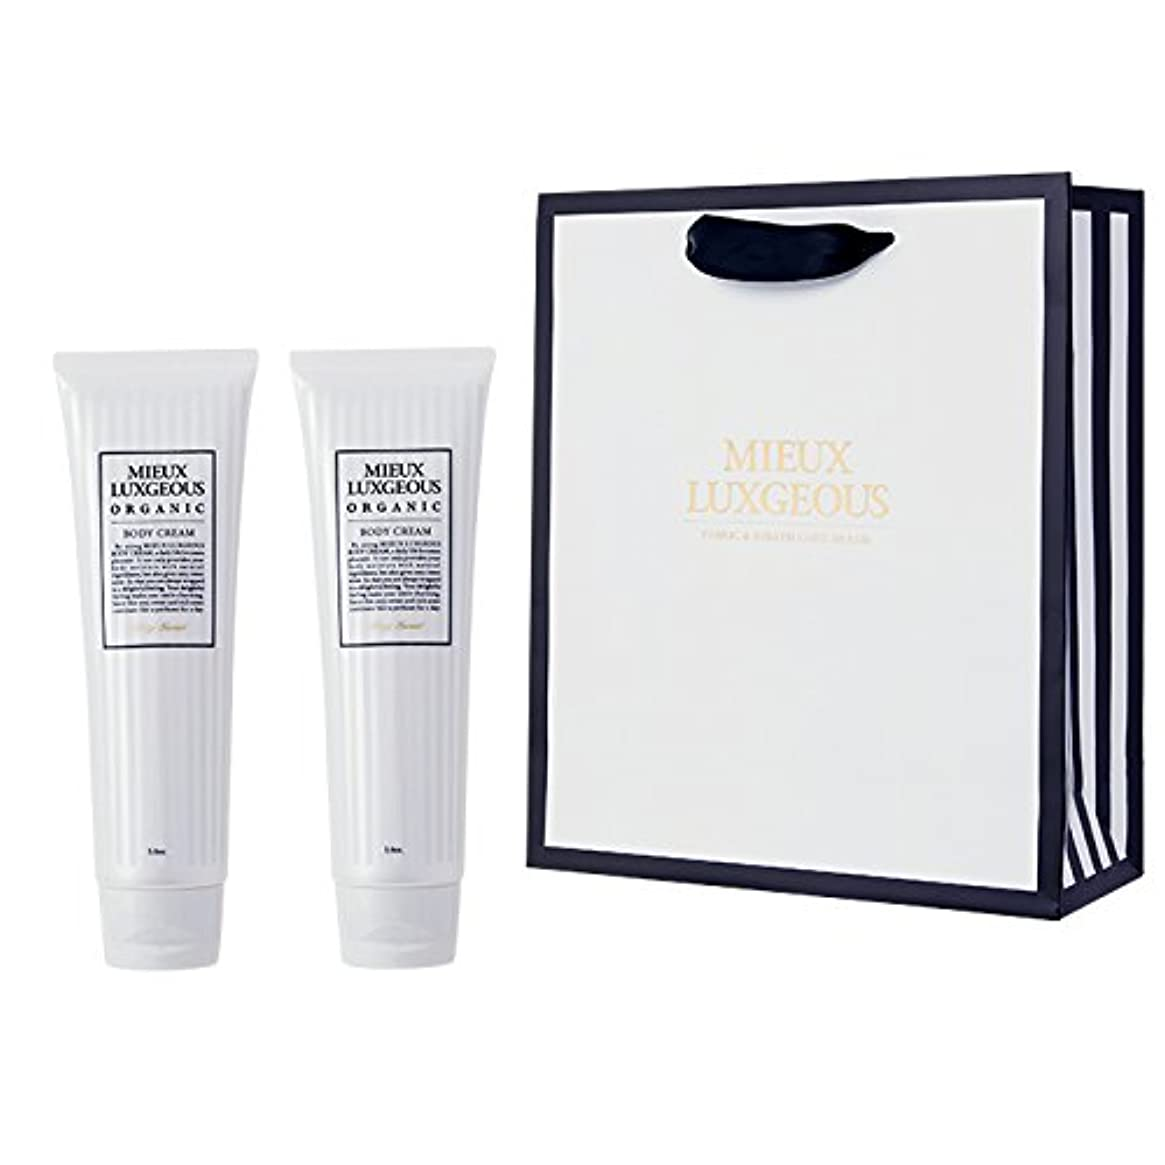 従者唯物論中でミューラグジャス Body Cream 2本set with Paperbag02